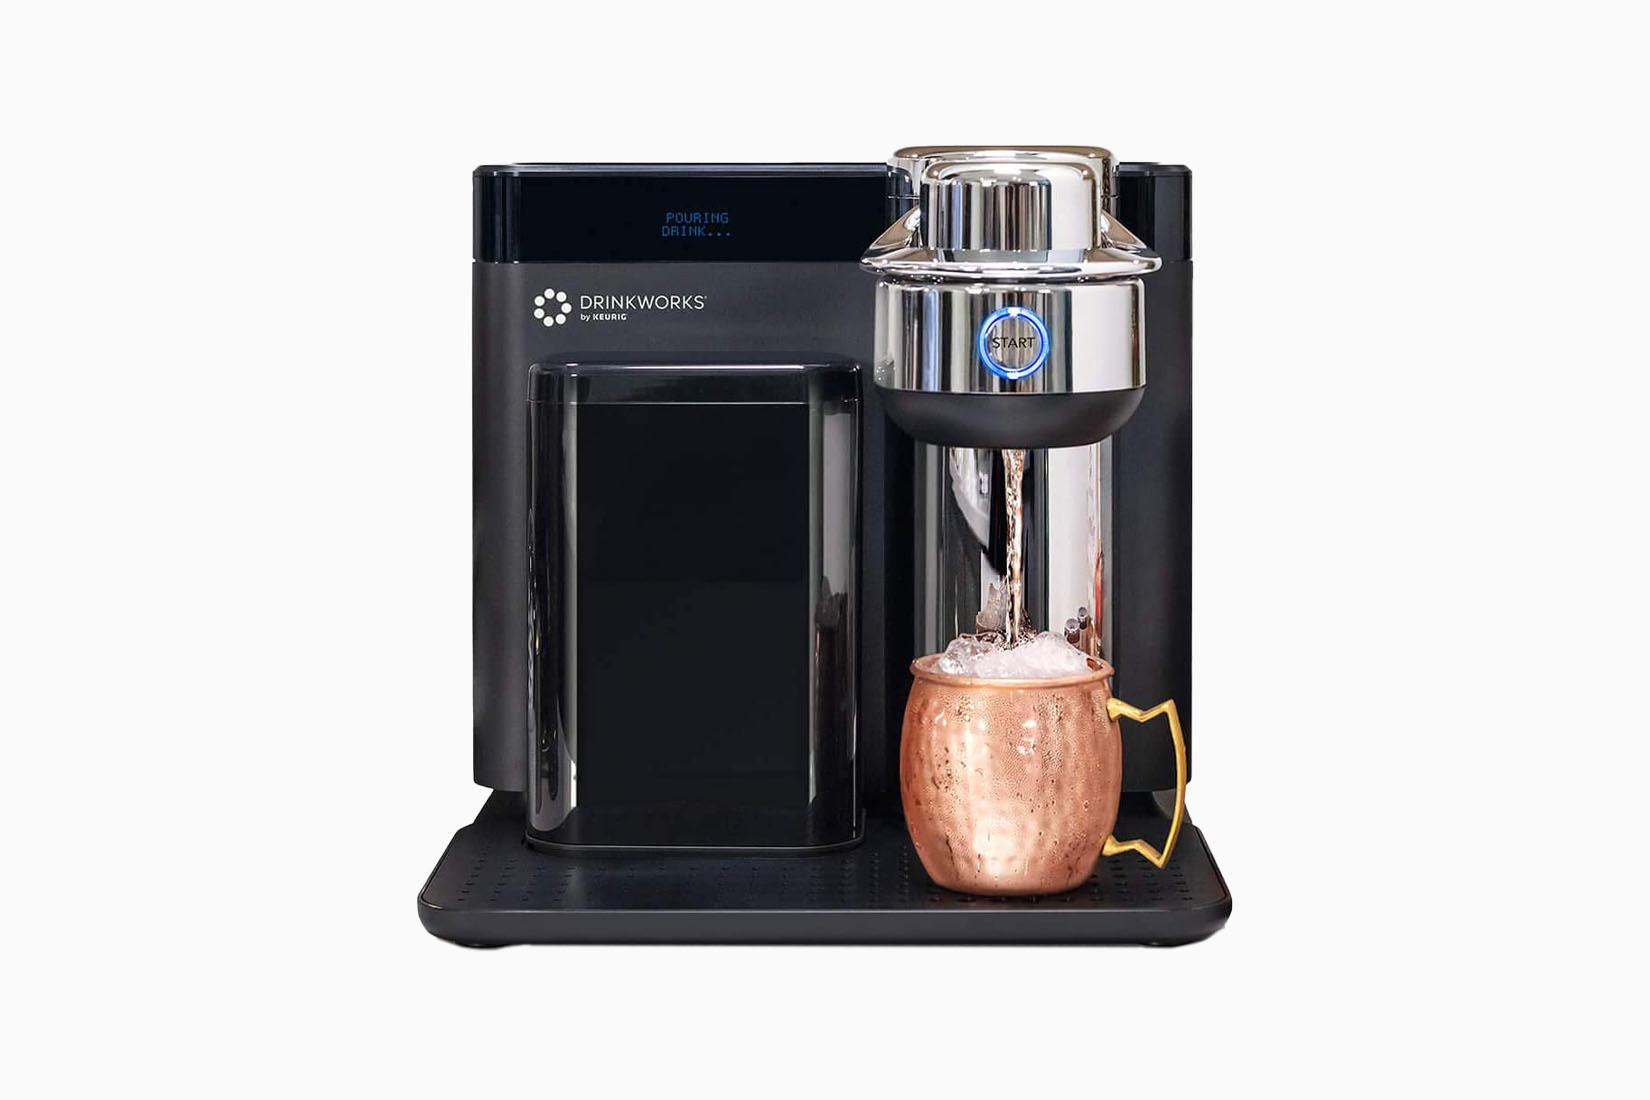 best soda maker drinkworks review Luxe Digital